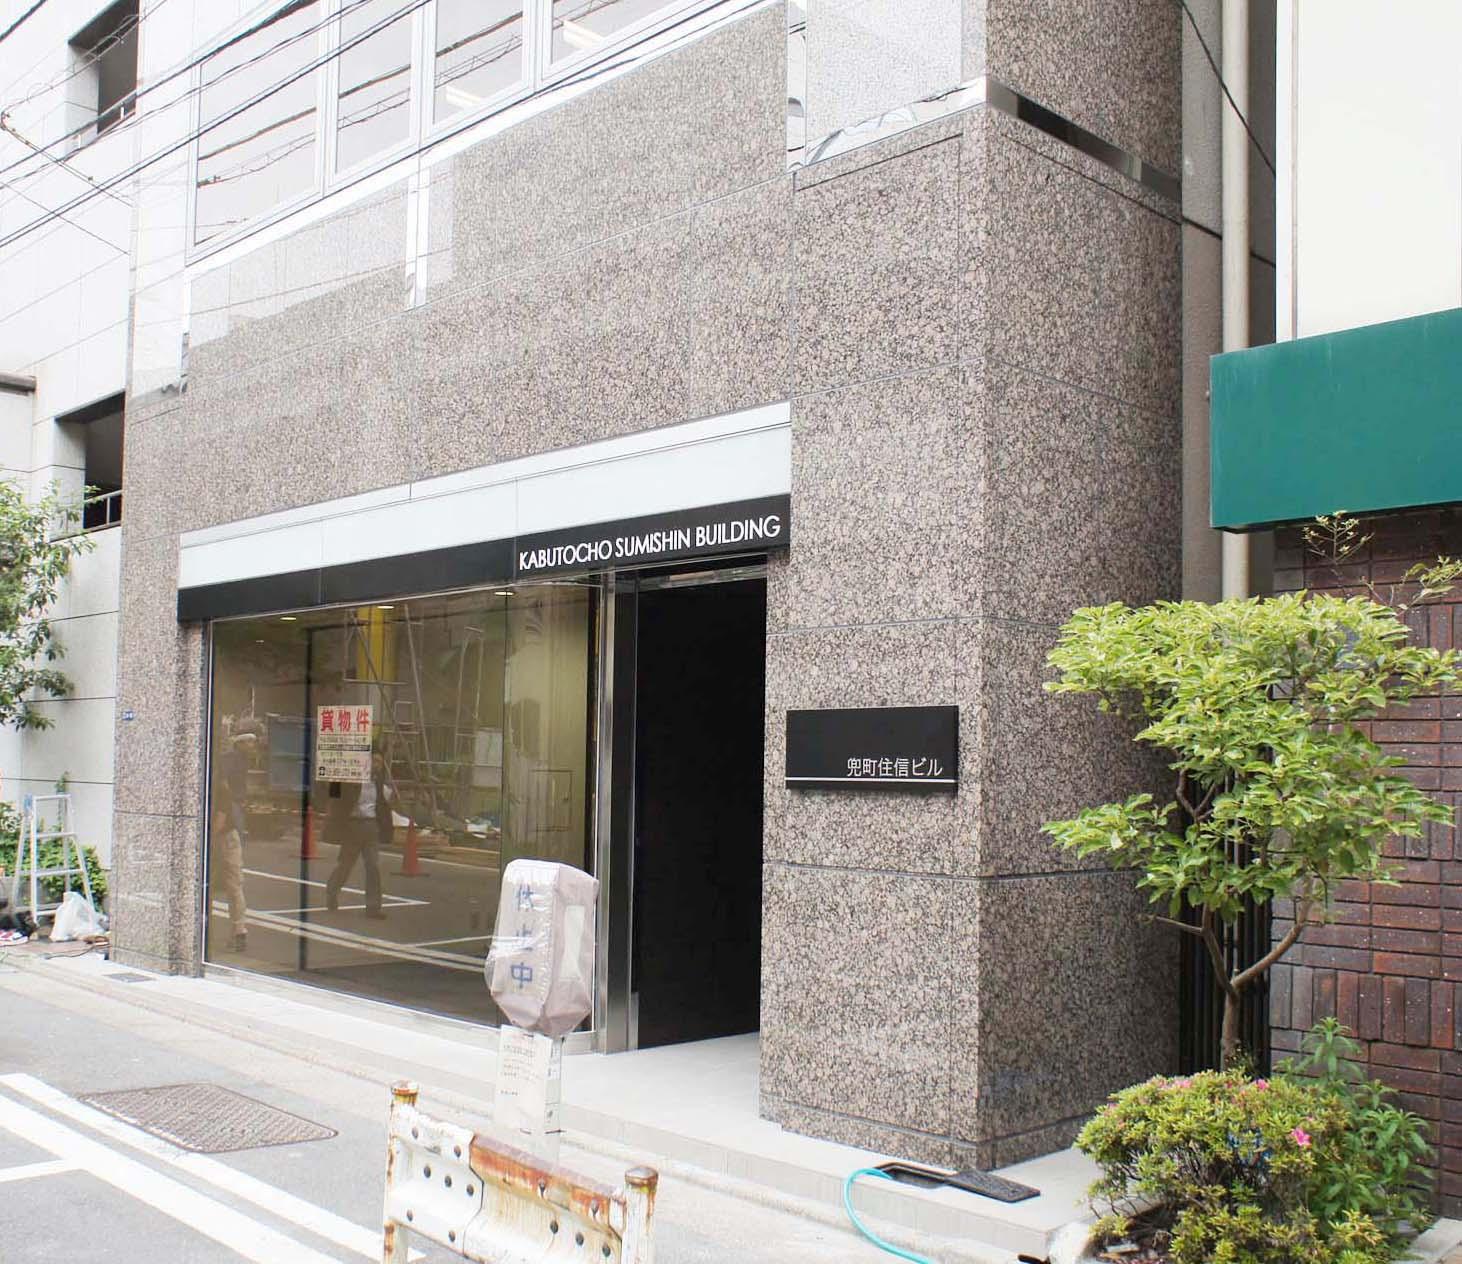 オフィスビルリノベーション・新しいニーズに対応する、ビル一棟フルリニューアル